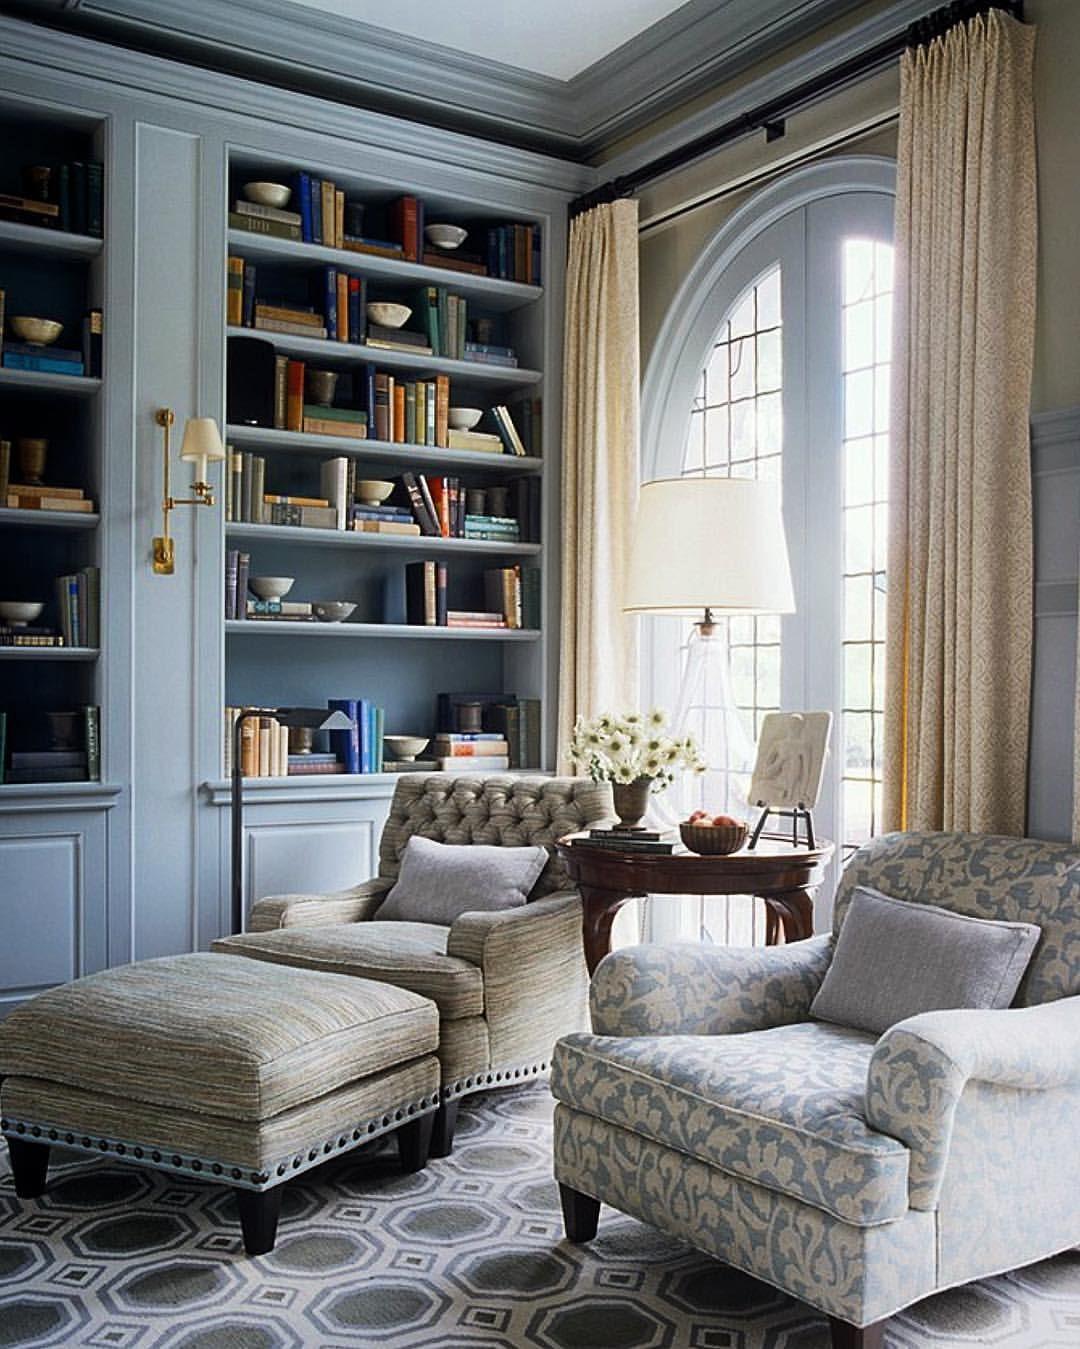 Home Librarydesign Ideas:  Home Library @stevengambrel #book #books